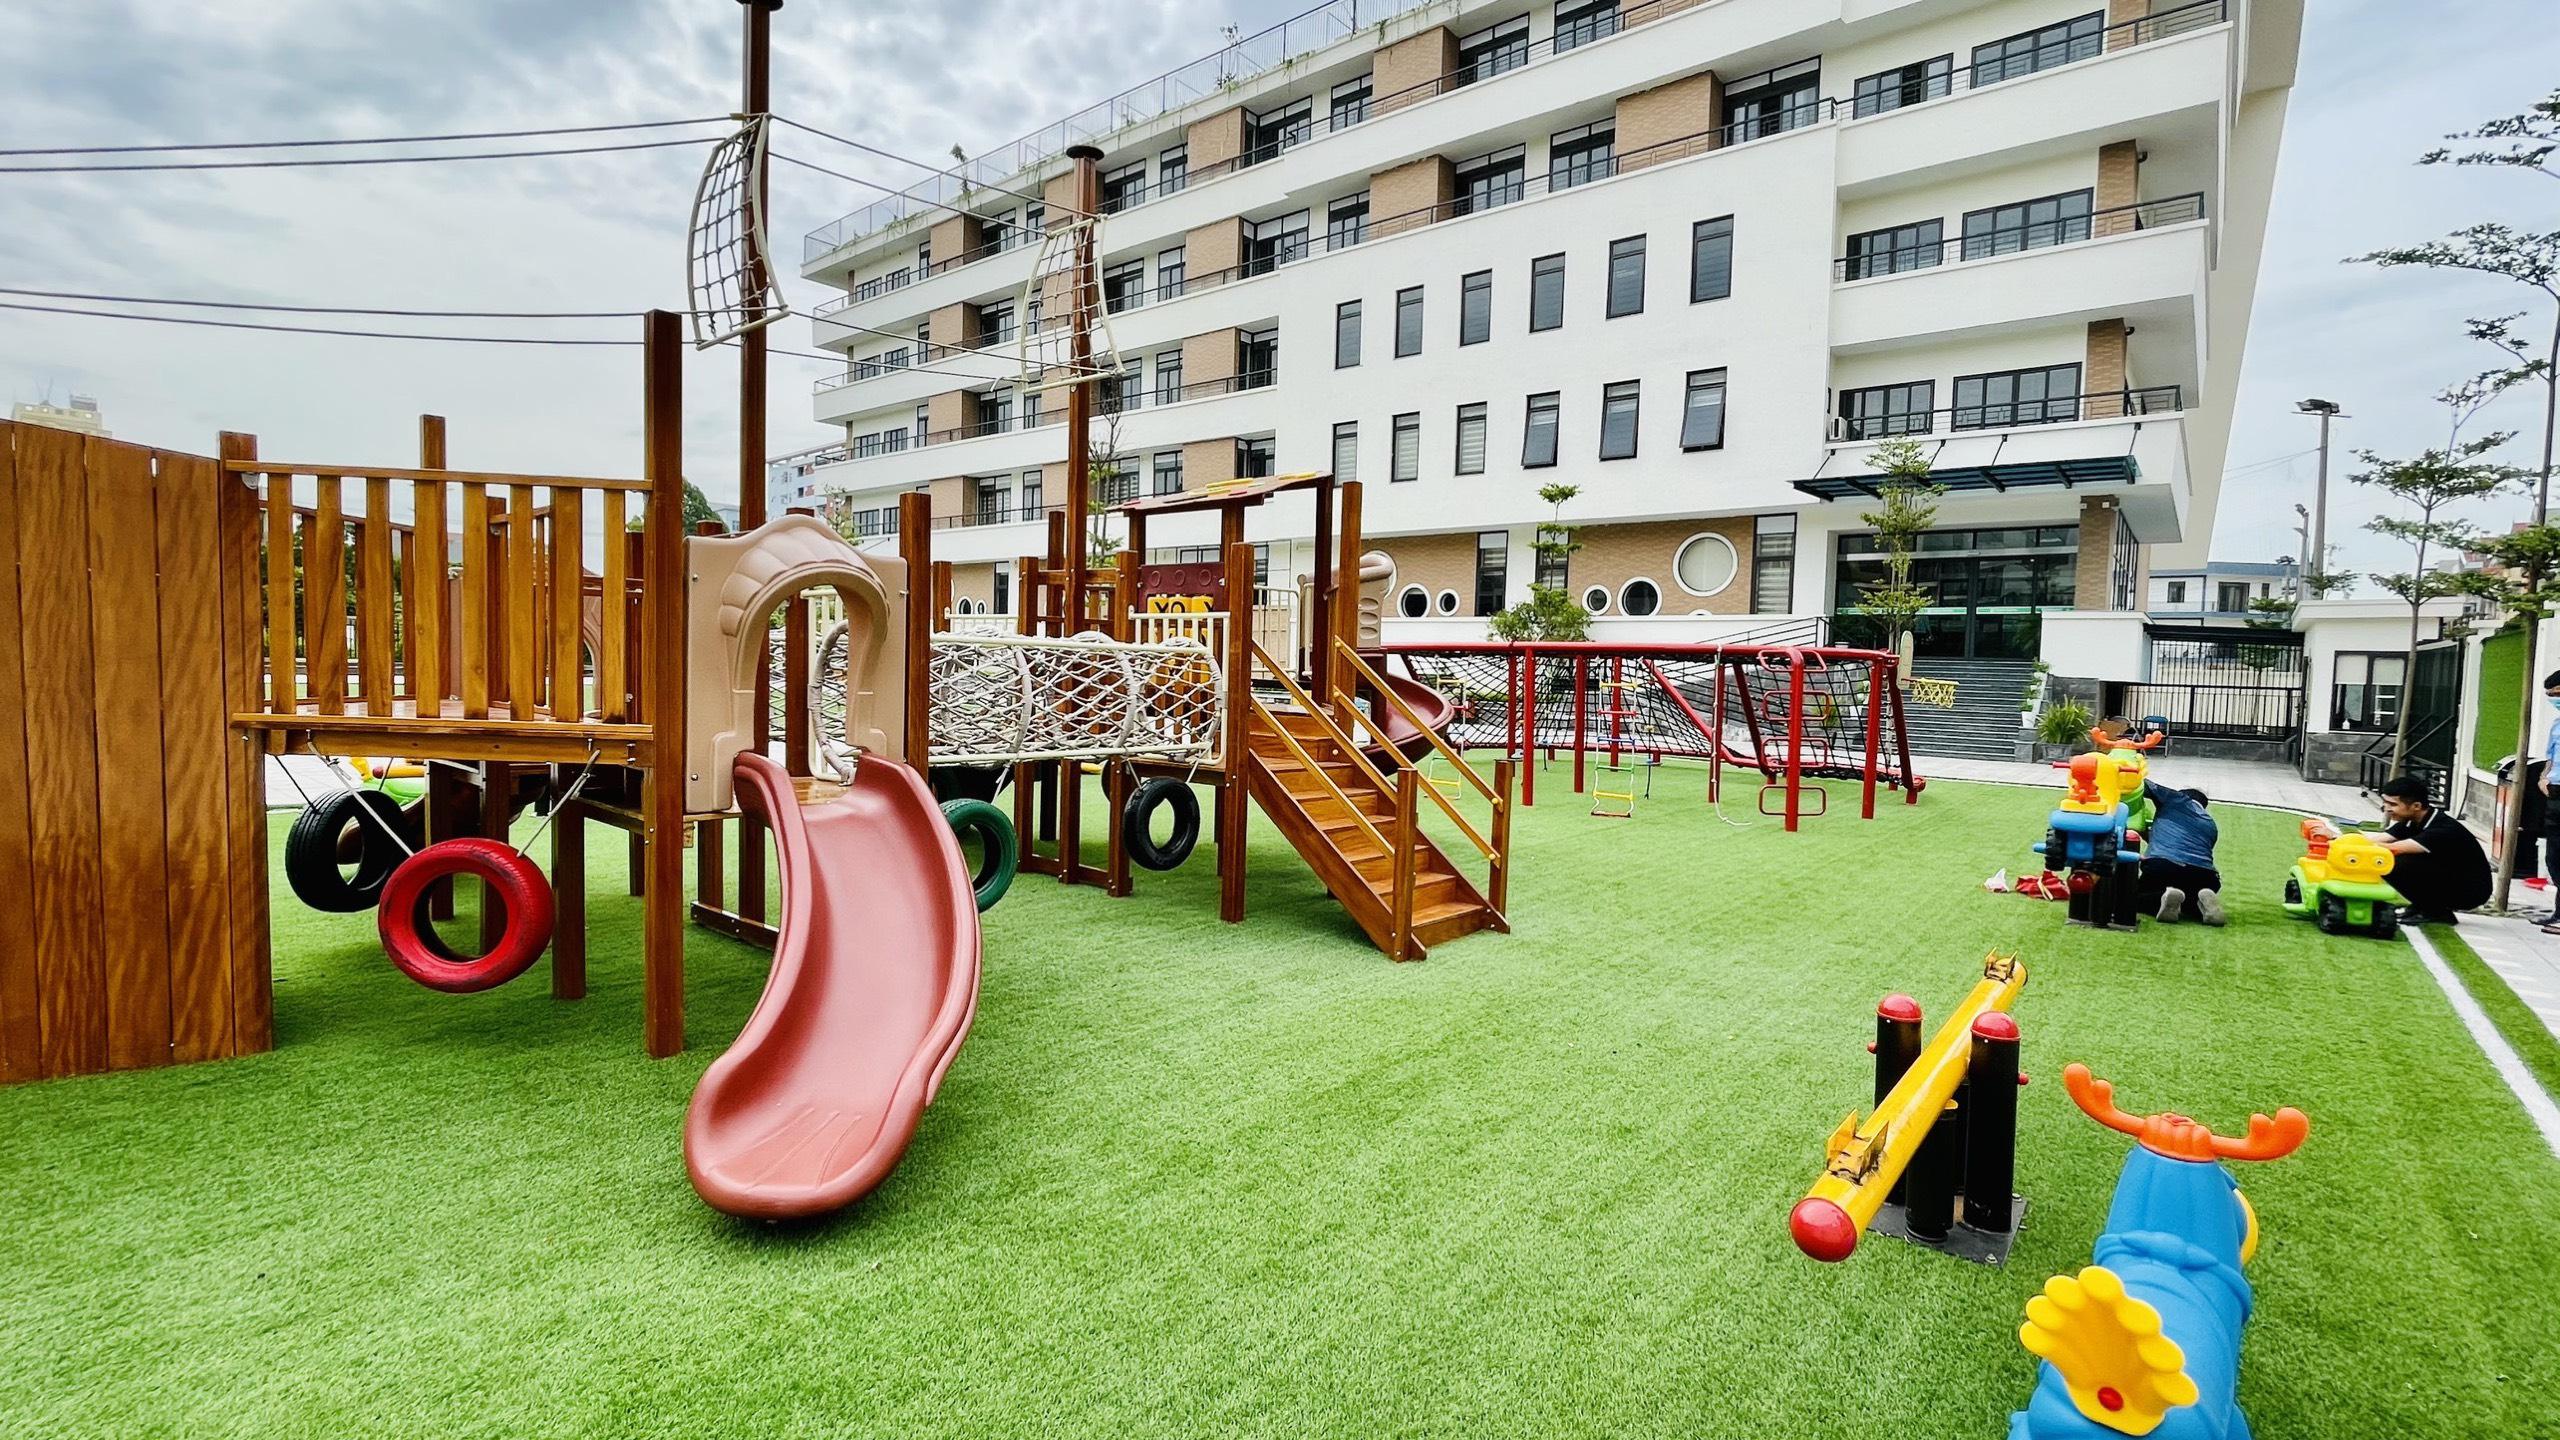 Khu vui chơi ngoài trời dành cho các bạn nhỏ tại Green School Bắc Giang